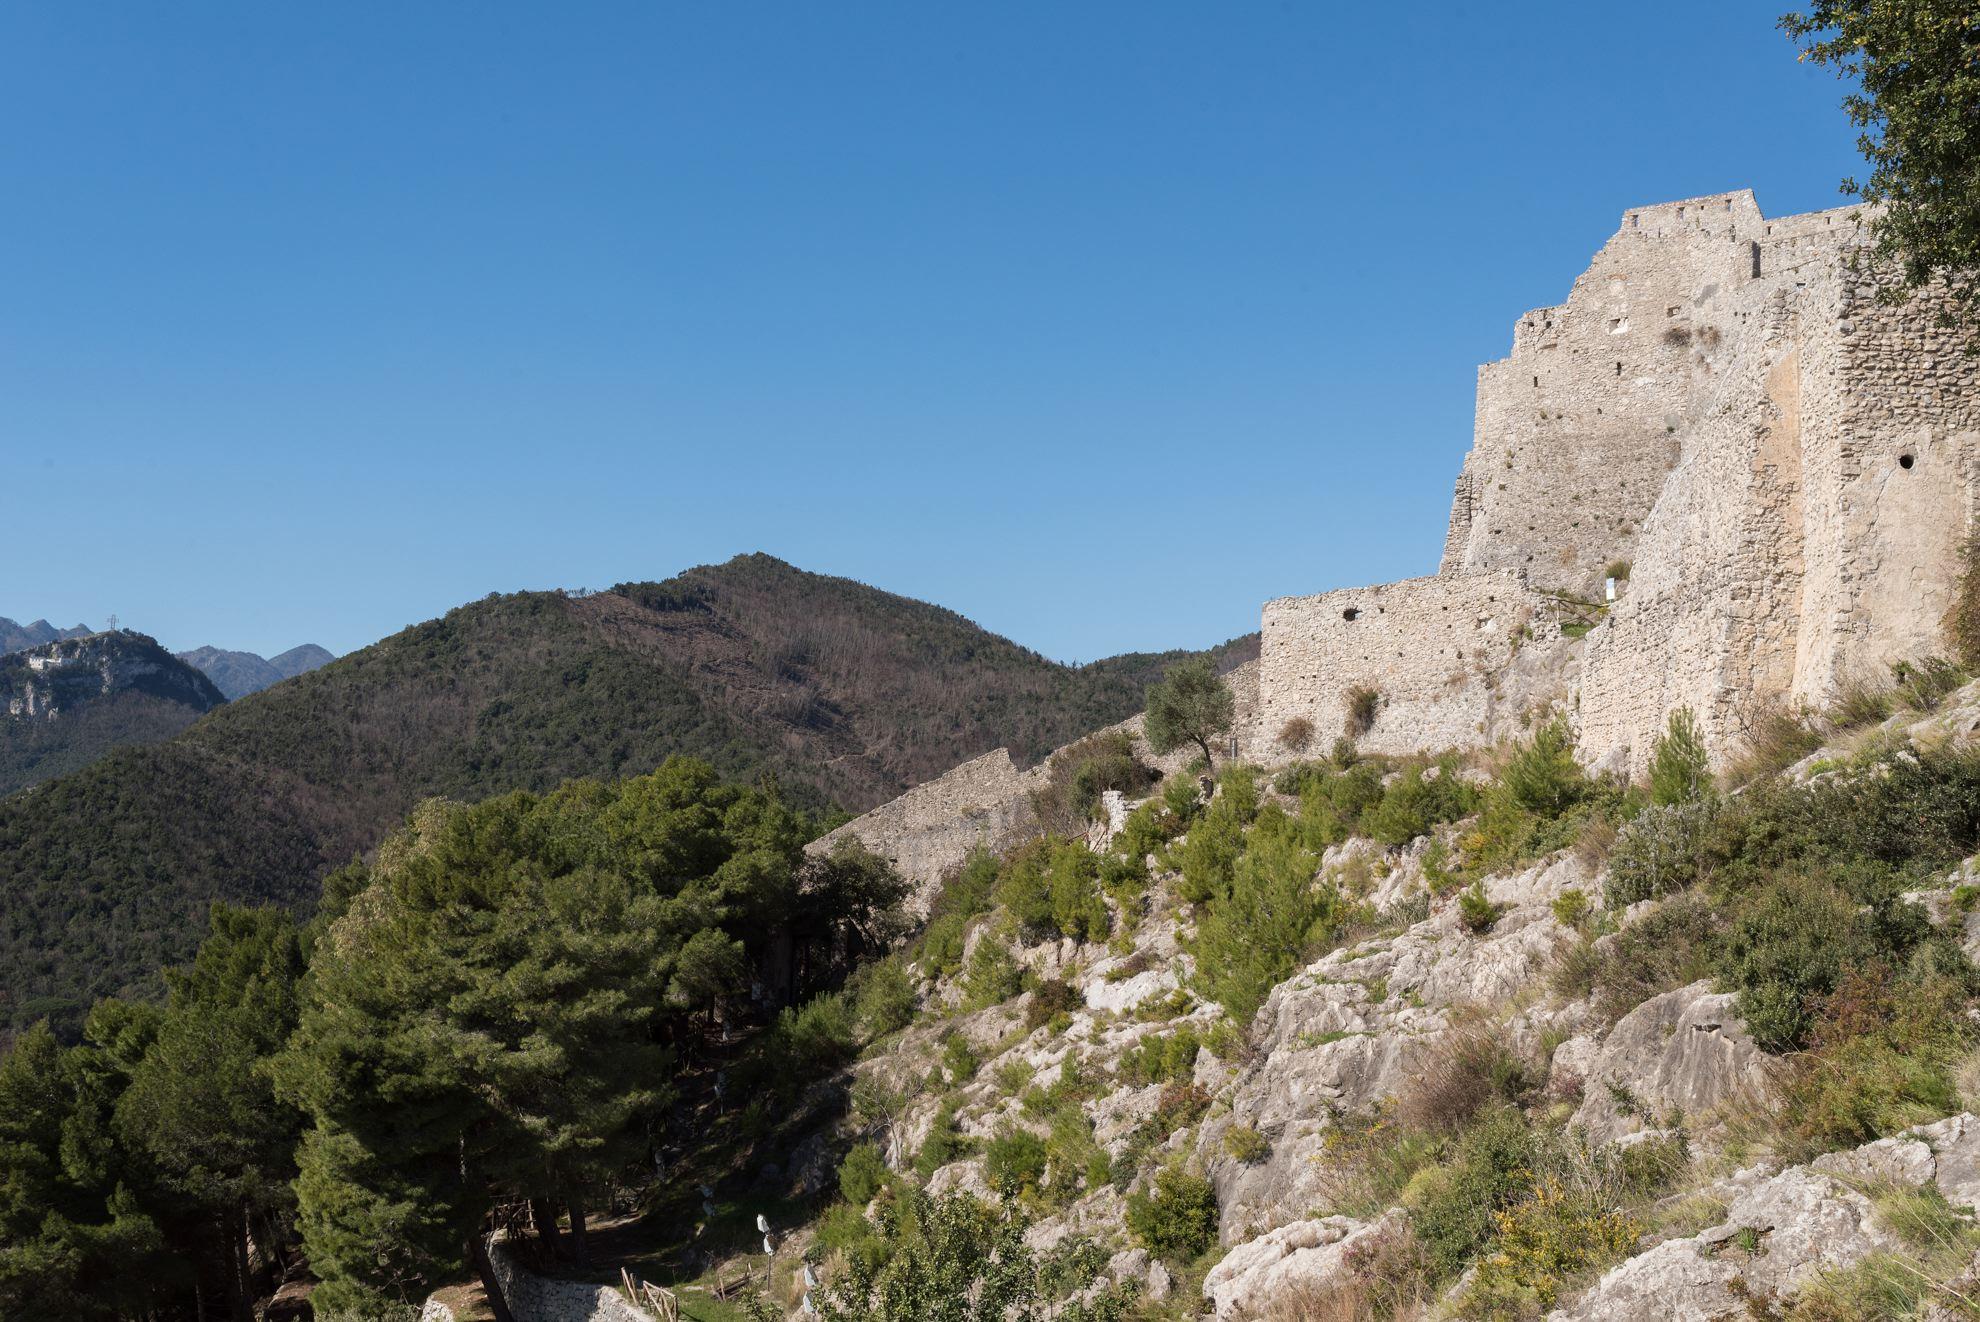 Da sinistra: Monte San Liberatore, Monte Saragnano e Castello di Arechi | Ph. Flaviana Frascogna - Trentaremi